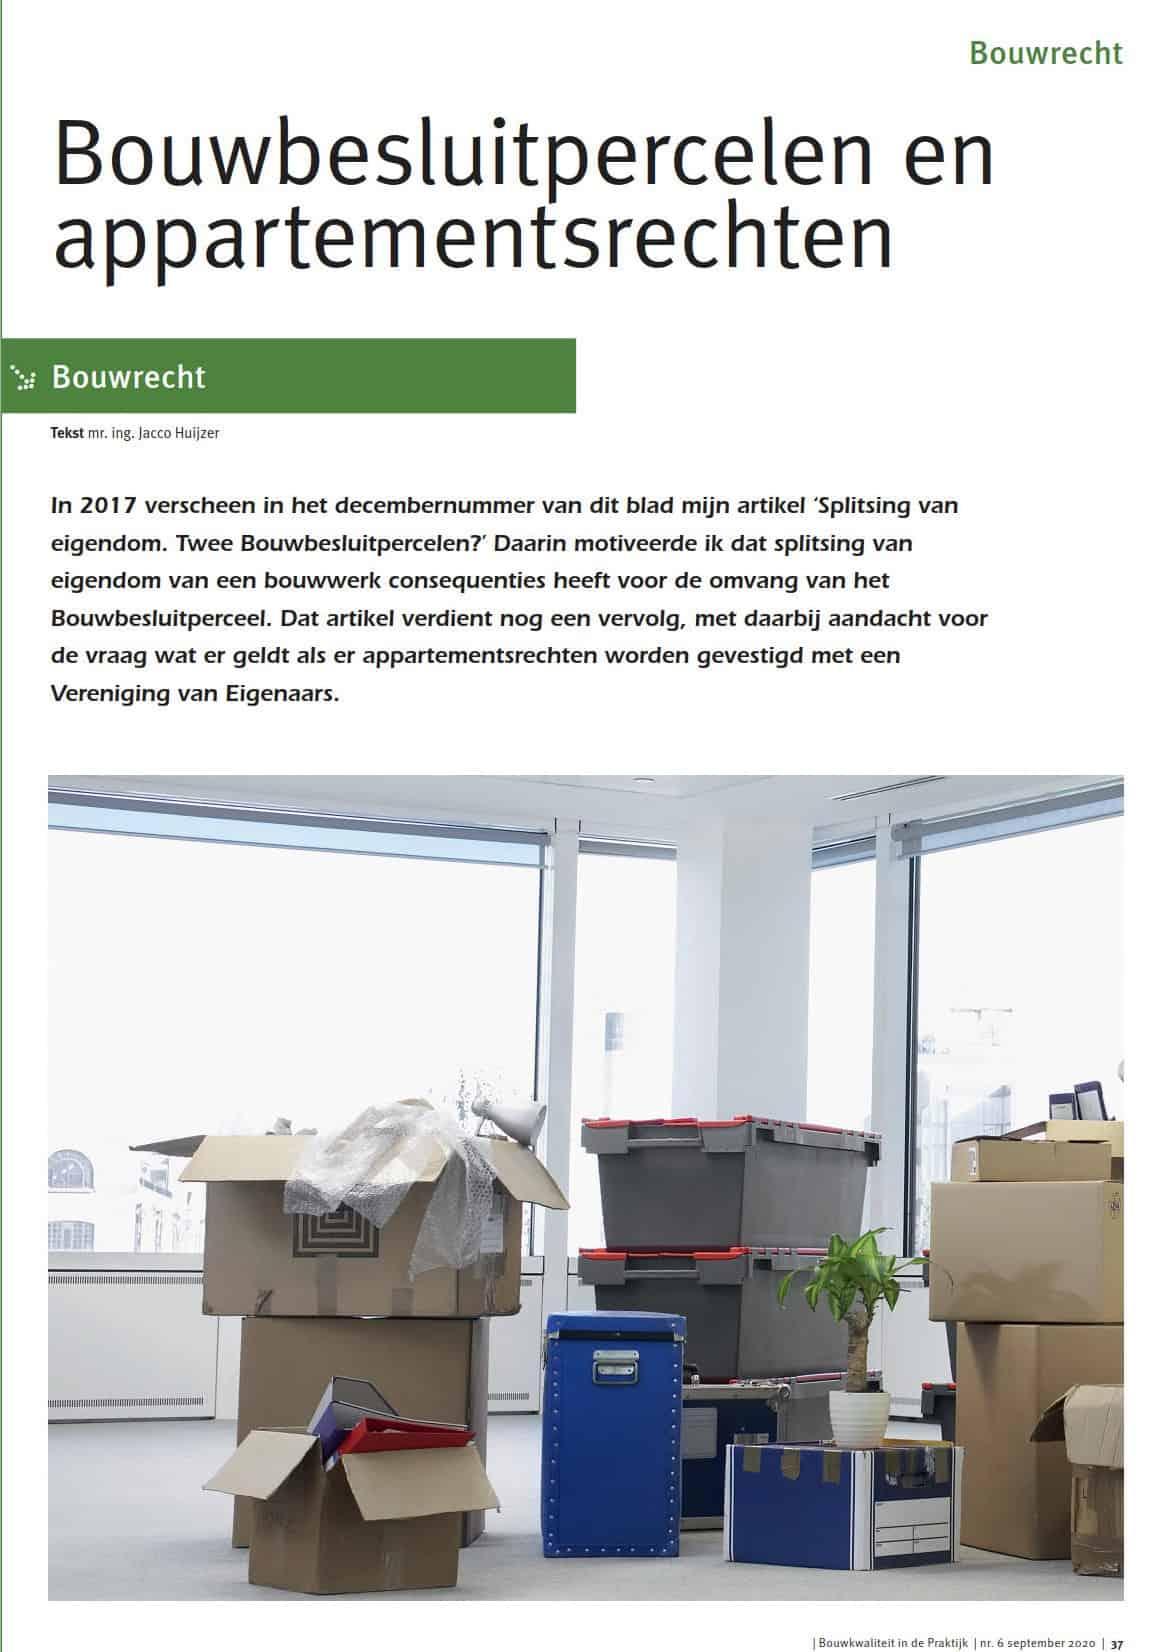 Bouwbesluitpercelen en appartementsrechten